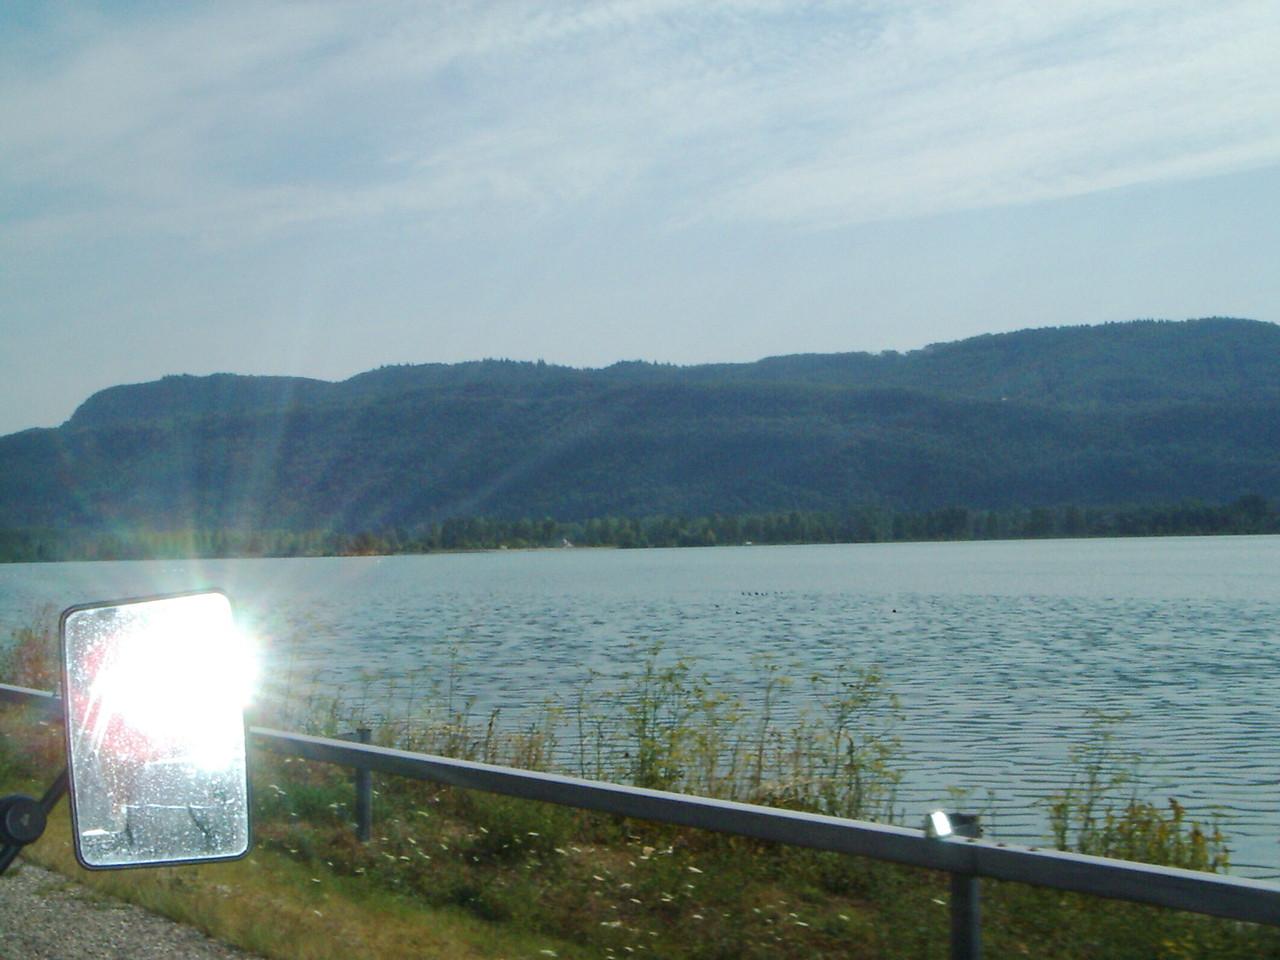 Auf der Fahrt mach ich noch ein paar Bilder von der schönen Landschaft.